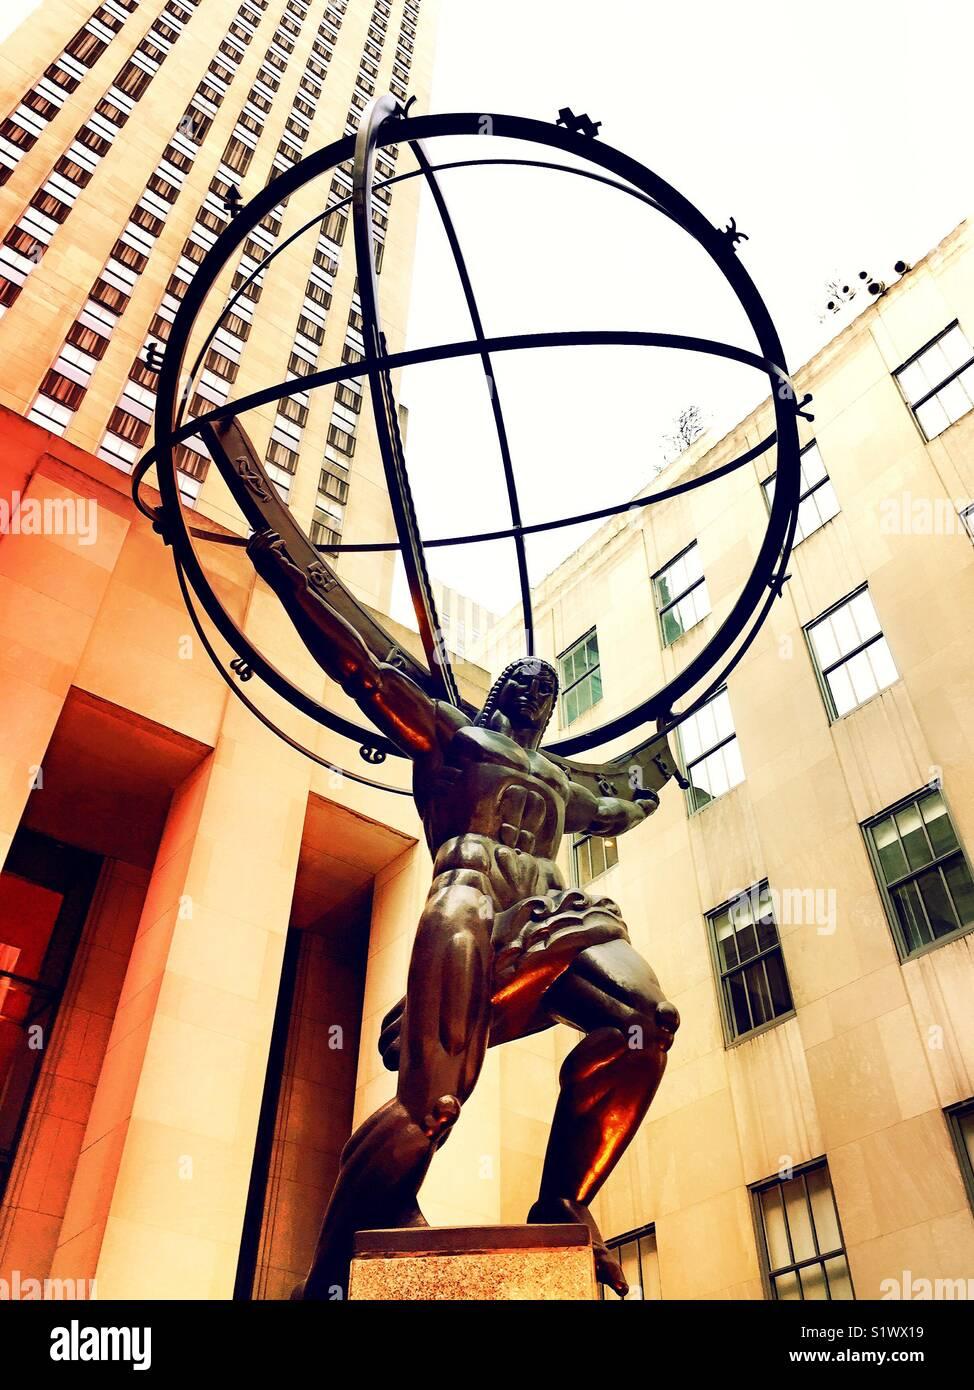 Atlas der Welt halten, Statue, Rockefeller Center, NYC Stockbild